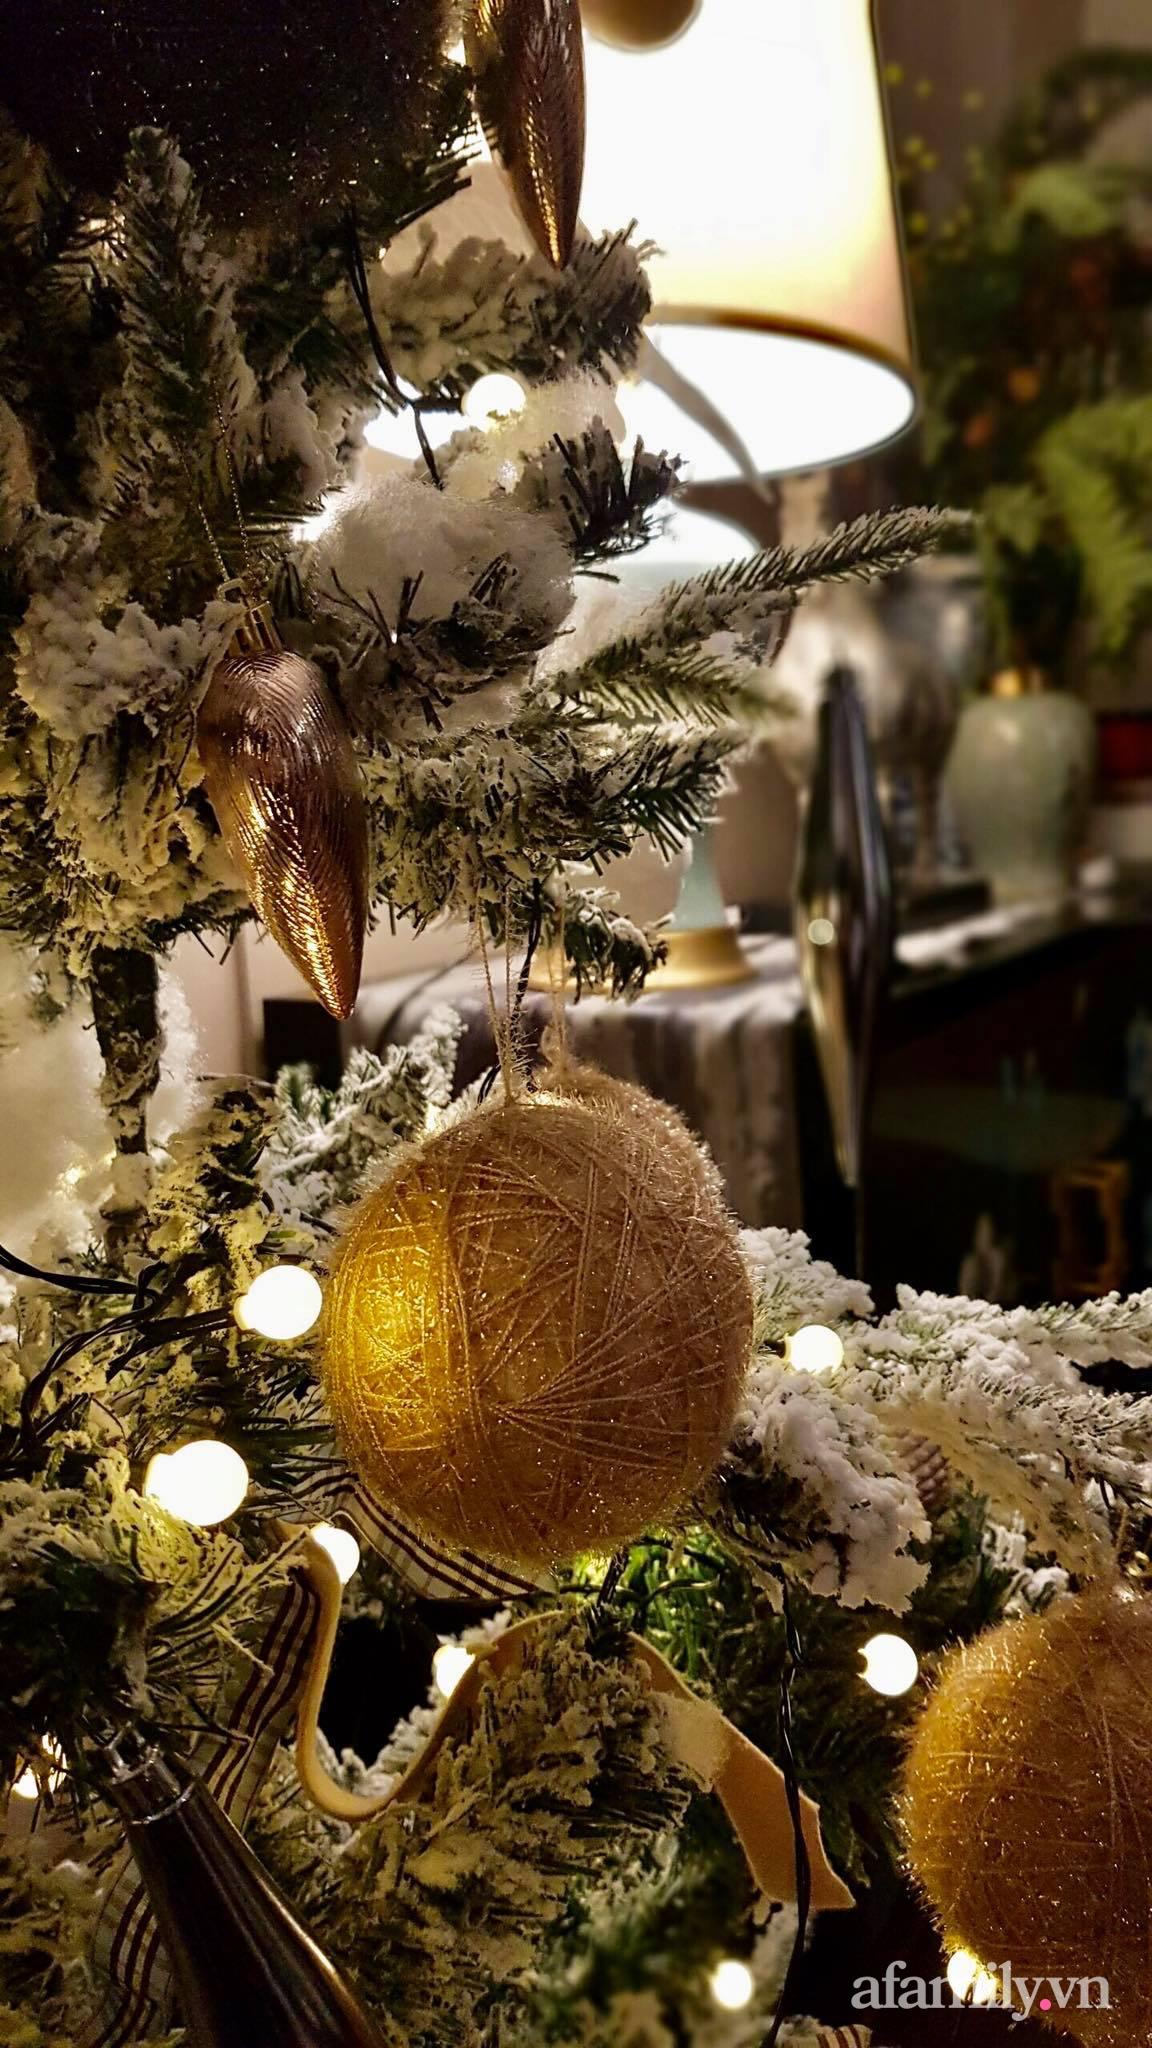 """Căn hộ """"thắp sáng"""" những sắc màu giúp từng góc nhỏ thêm ấm cúng đón Giáng sinh ở Hà Nội - Ảnh 14."""